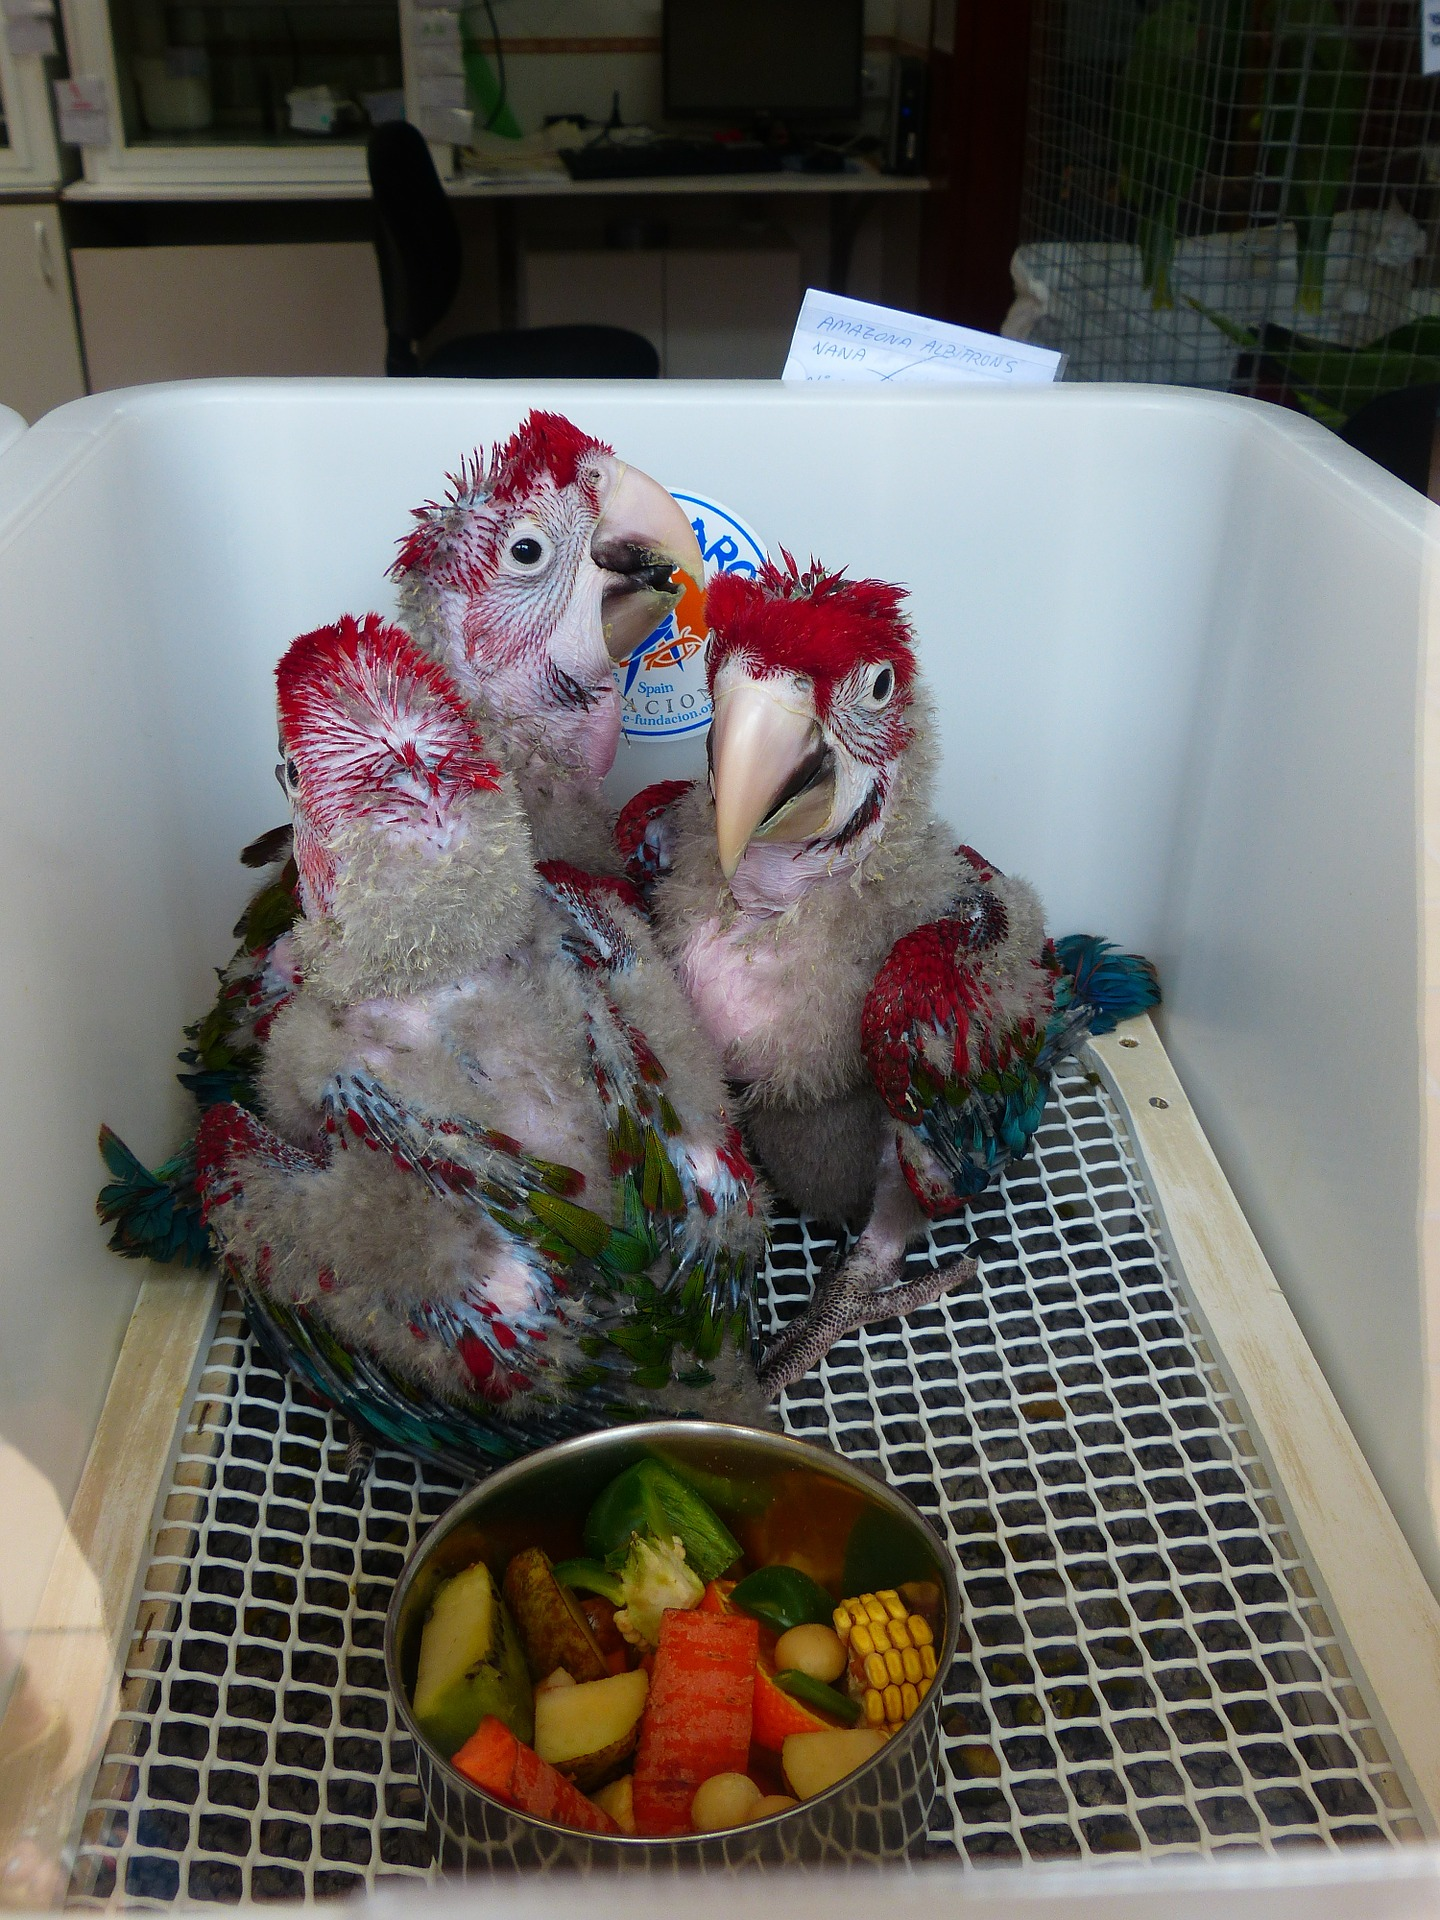 parrots-406794_1920.jpg